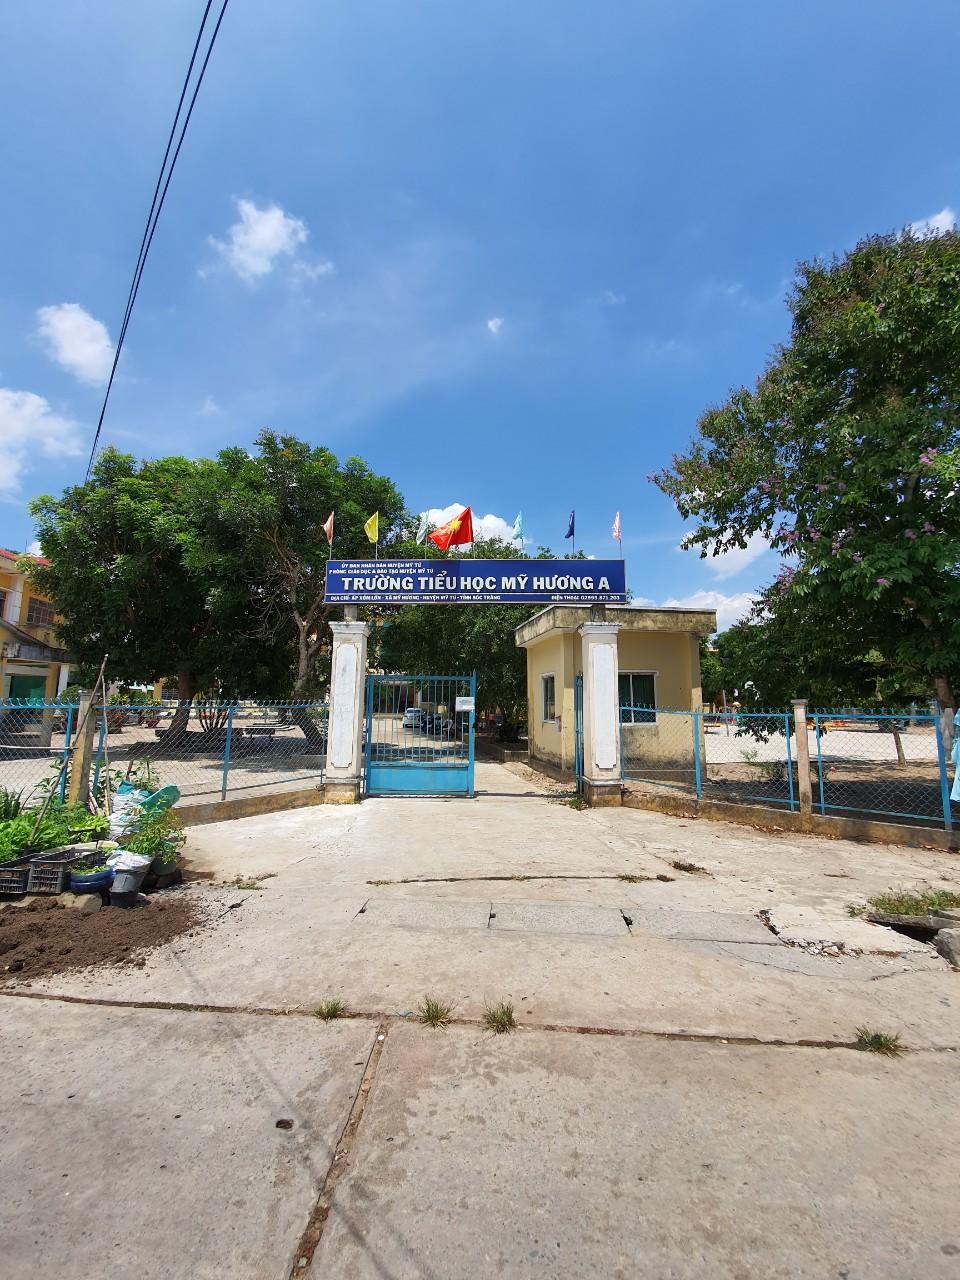 Bàn giao công trình thi công tấm compact tại Trường Tiểu học Mỹ Hương A, Sóc Trăng